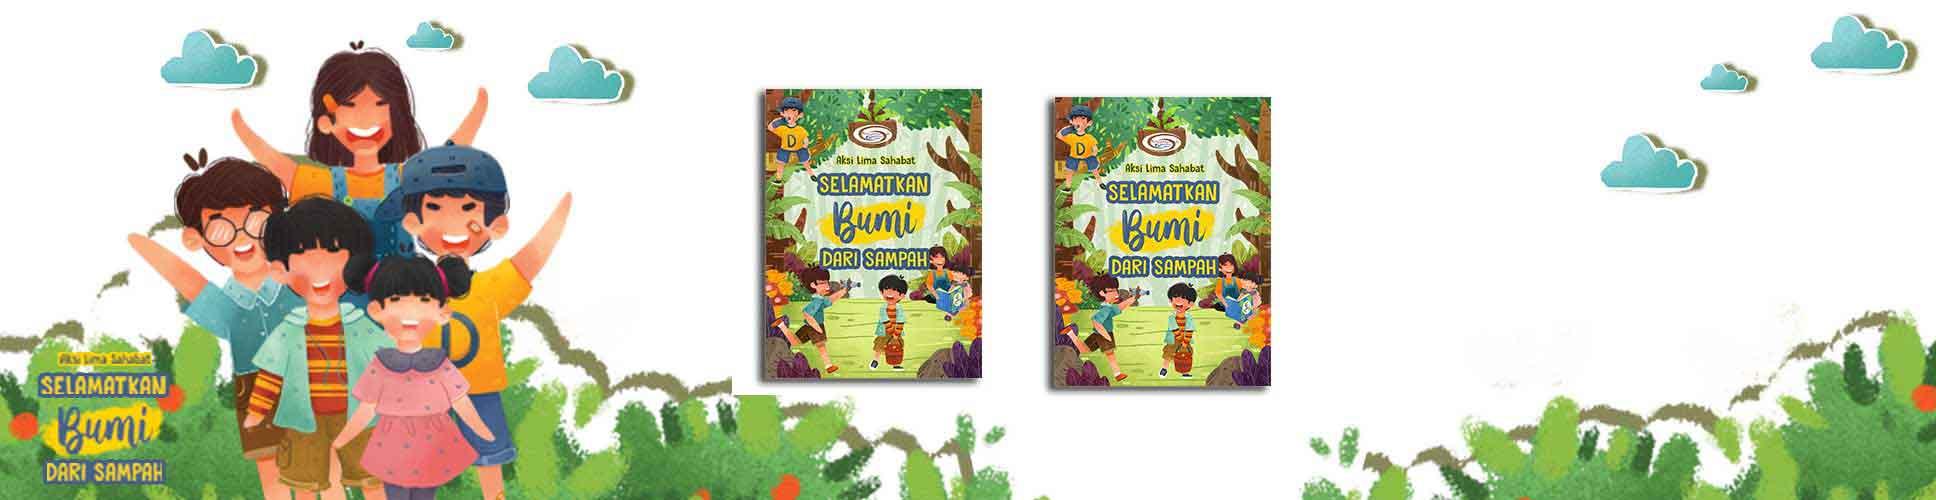 buku selamatkan bumi untuk anak-anak